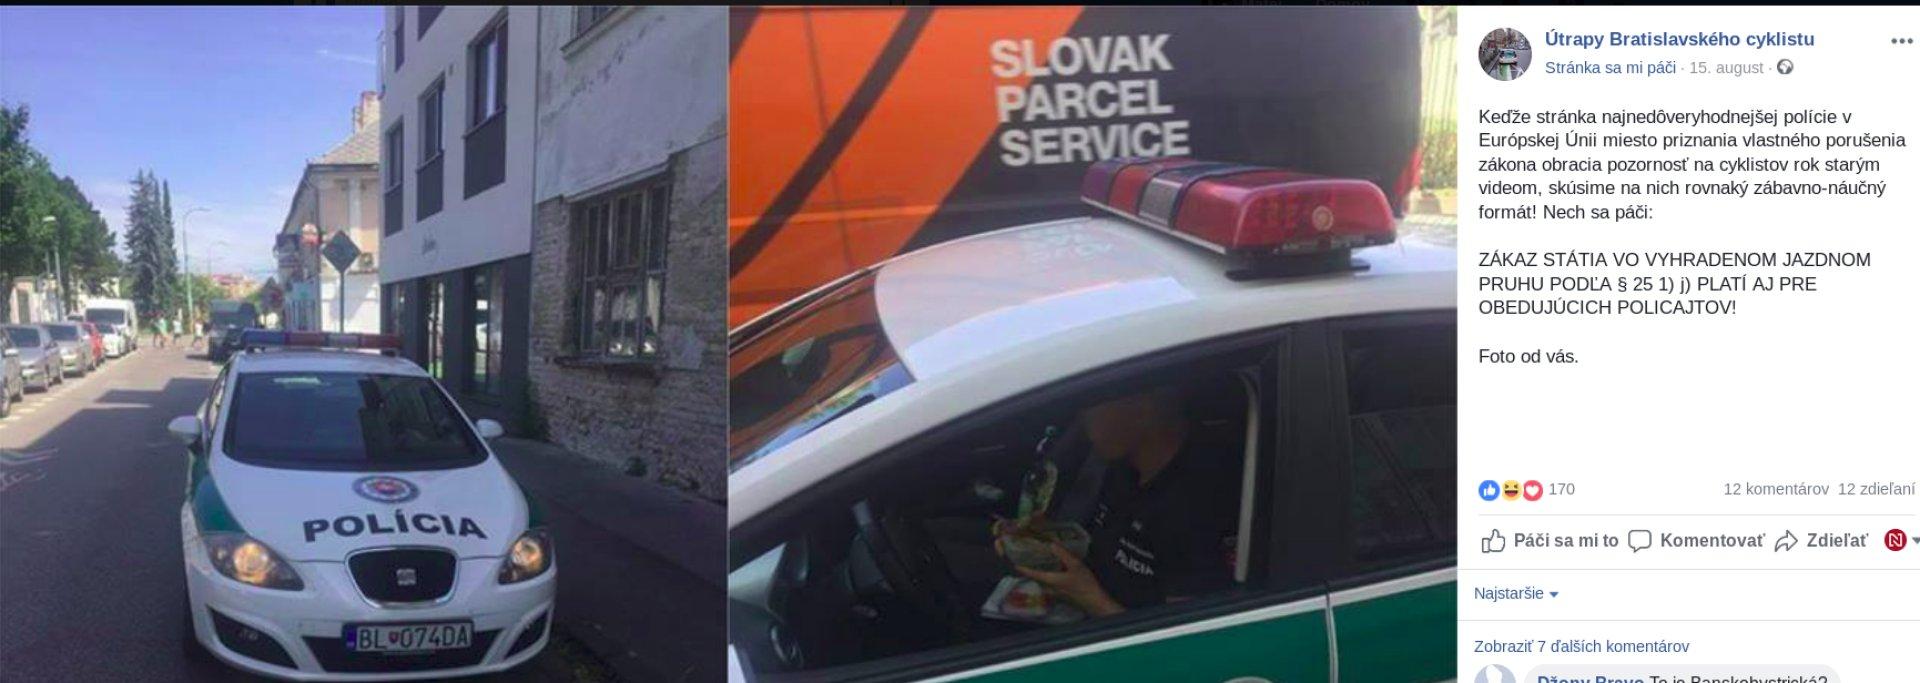 ec49550c8 Policajti obedujú na cyklotrase. Zdroj: Facebook Útrapy bratislavského  cyklistu